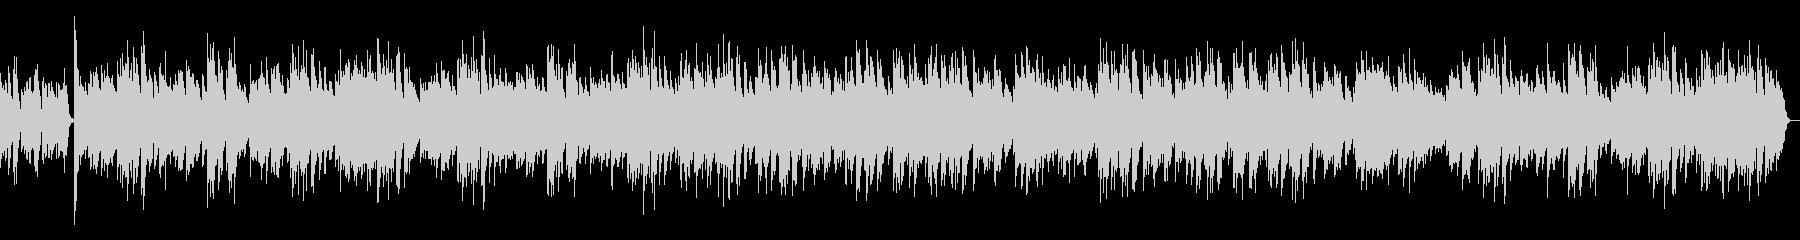 ジ・エンターテイナー ラグタイム ピアノの未再生の波形